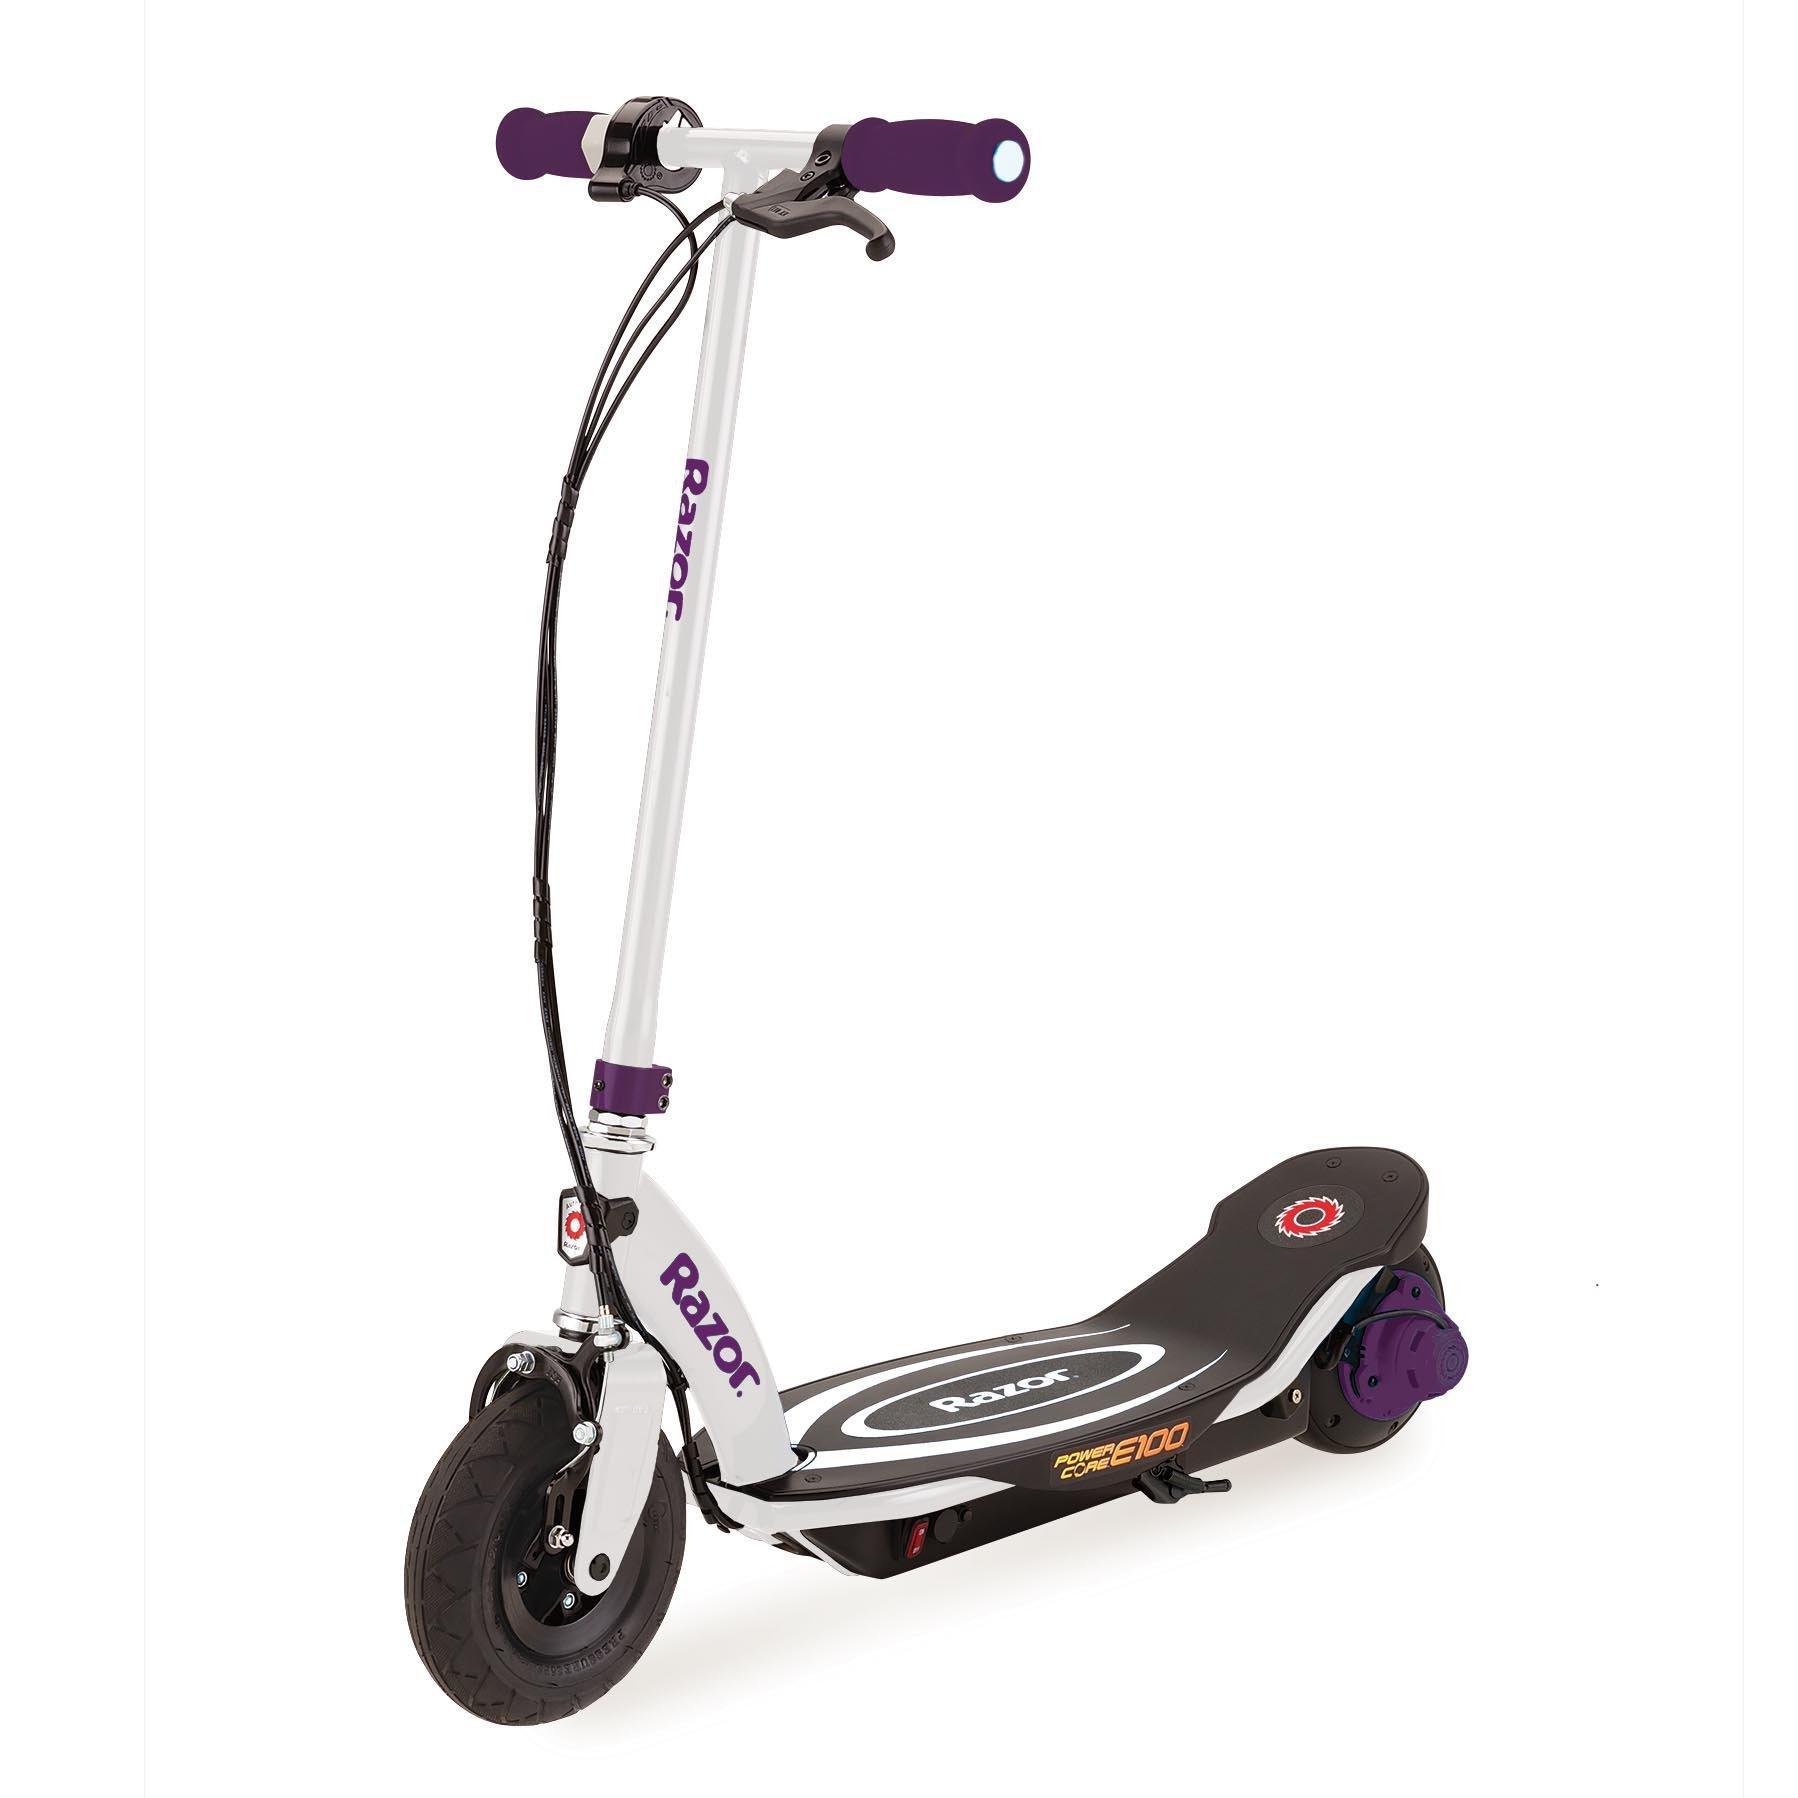 Razor Power Core E100 Electric Scooter, Purple by Razor